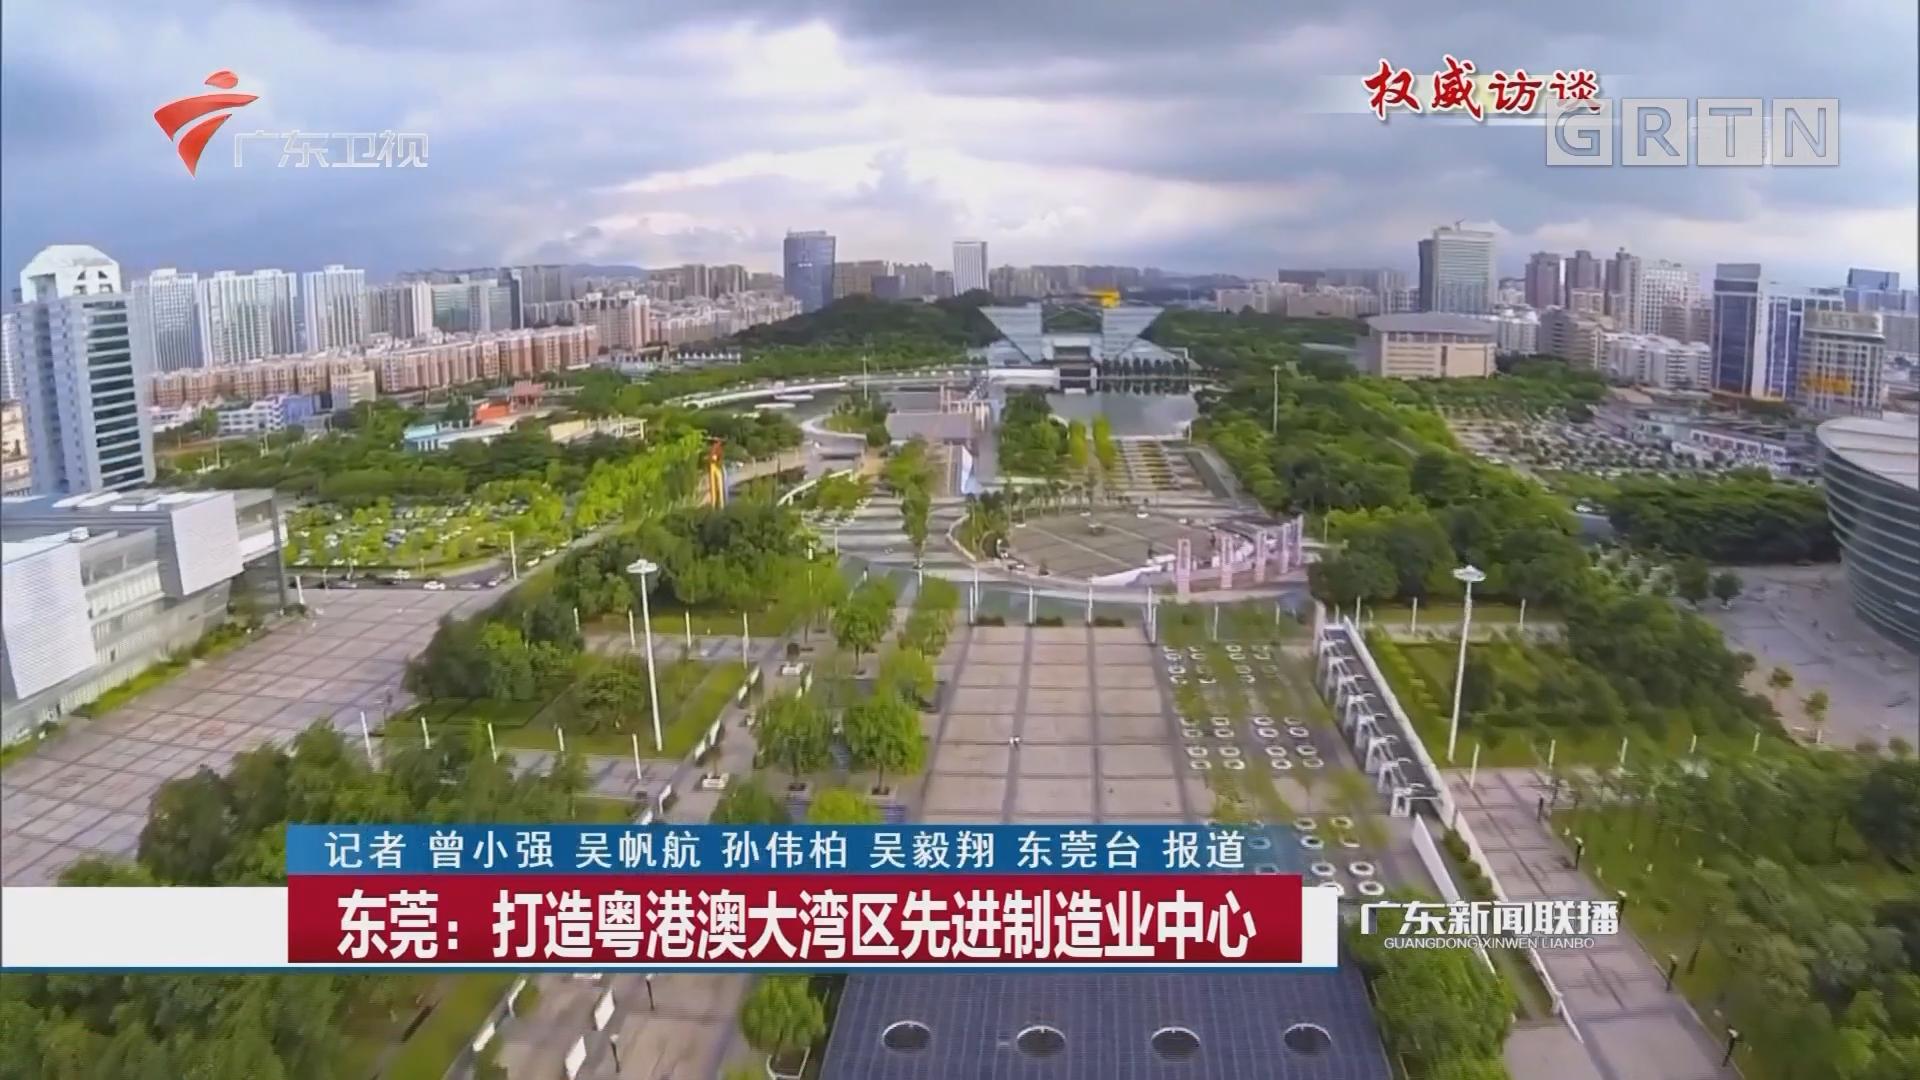 东莞:打造粤港澳大湾区先进制造业中心